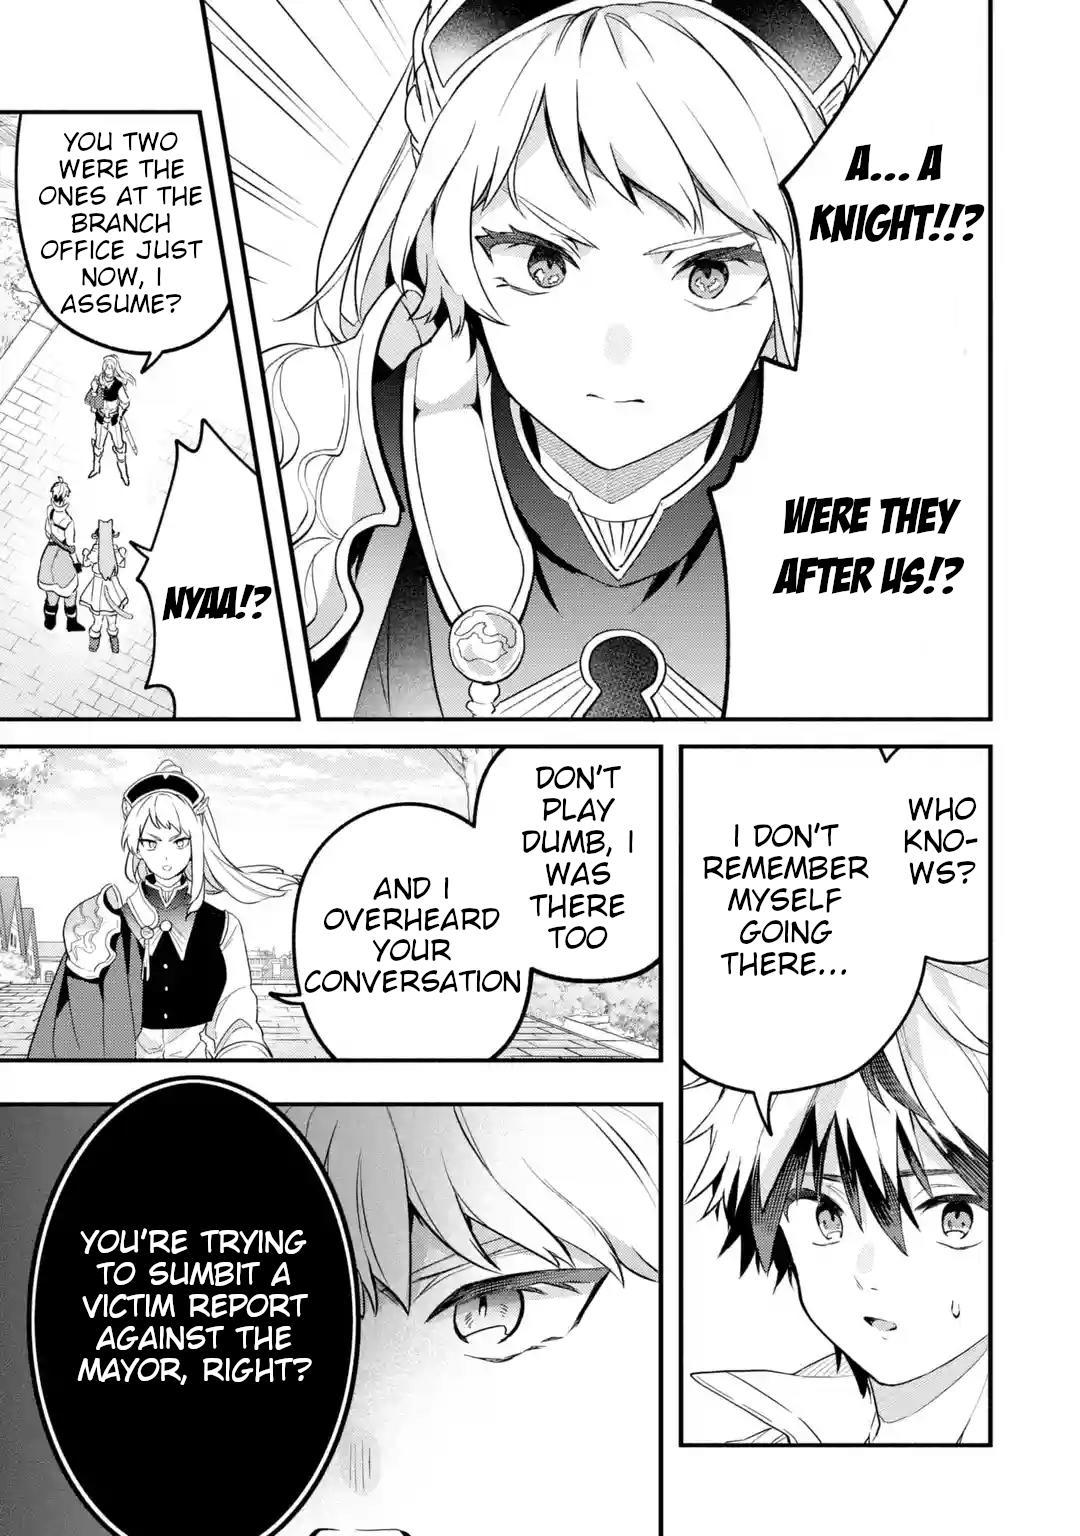 Yuusha Party Wo Tsuihou Sareta Beast Tamer, Saikyou Shuzoku Nekomimi Shojo To Deau Chapter 48: The Knights page 14 - Mangakakalots.com